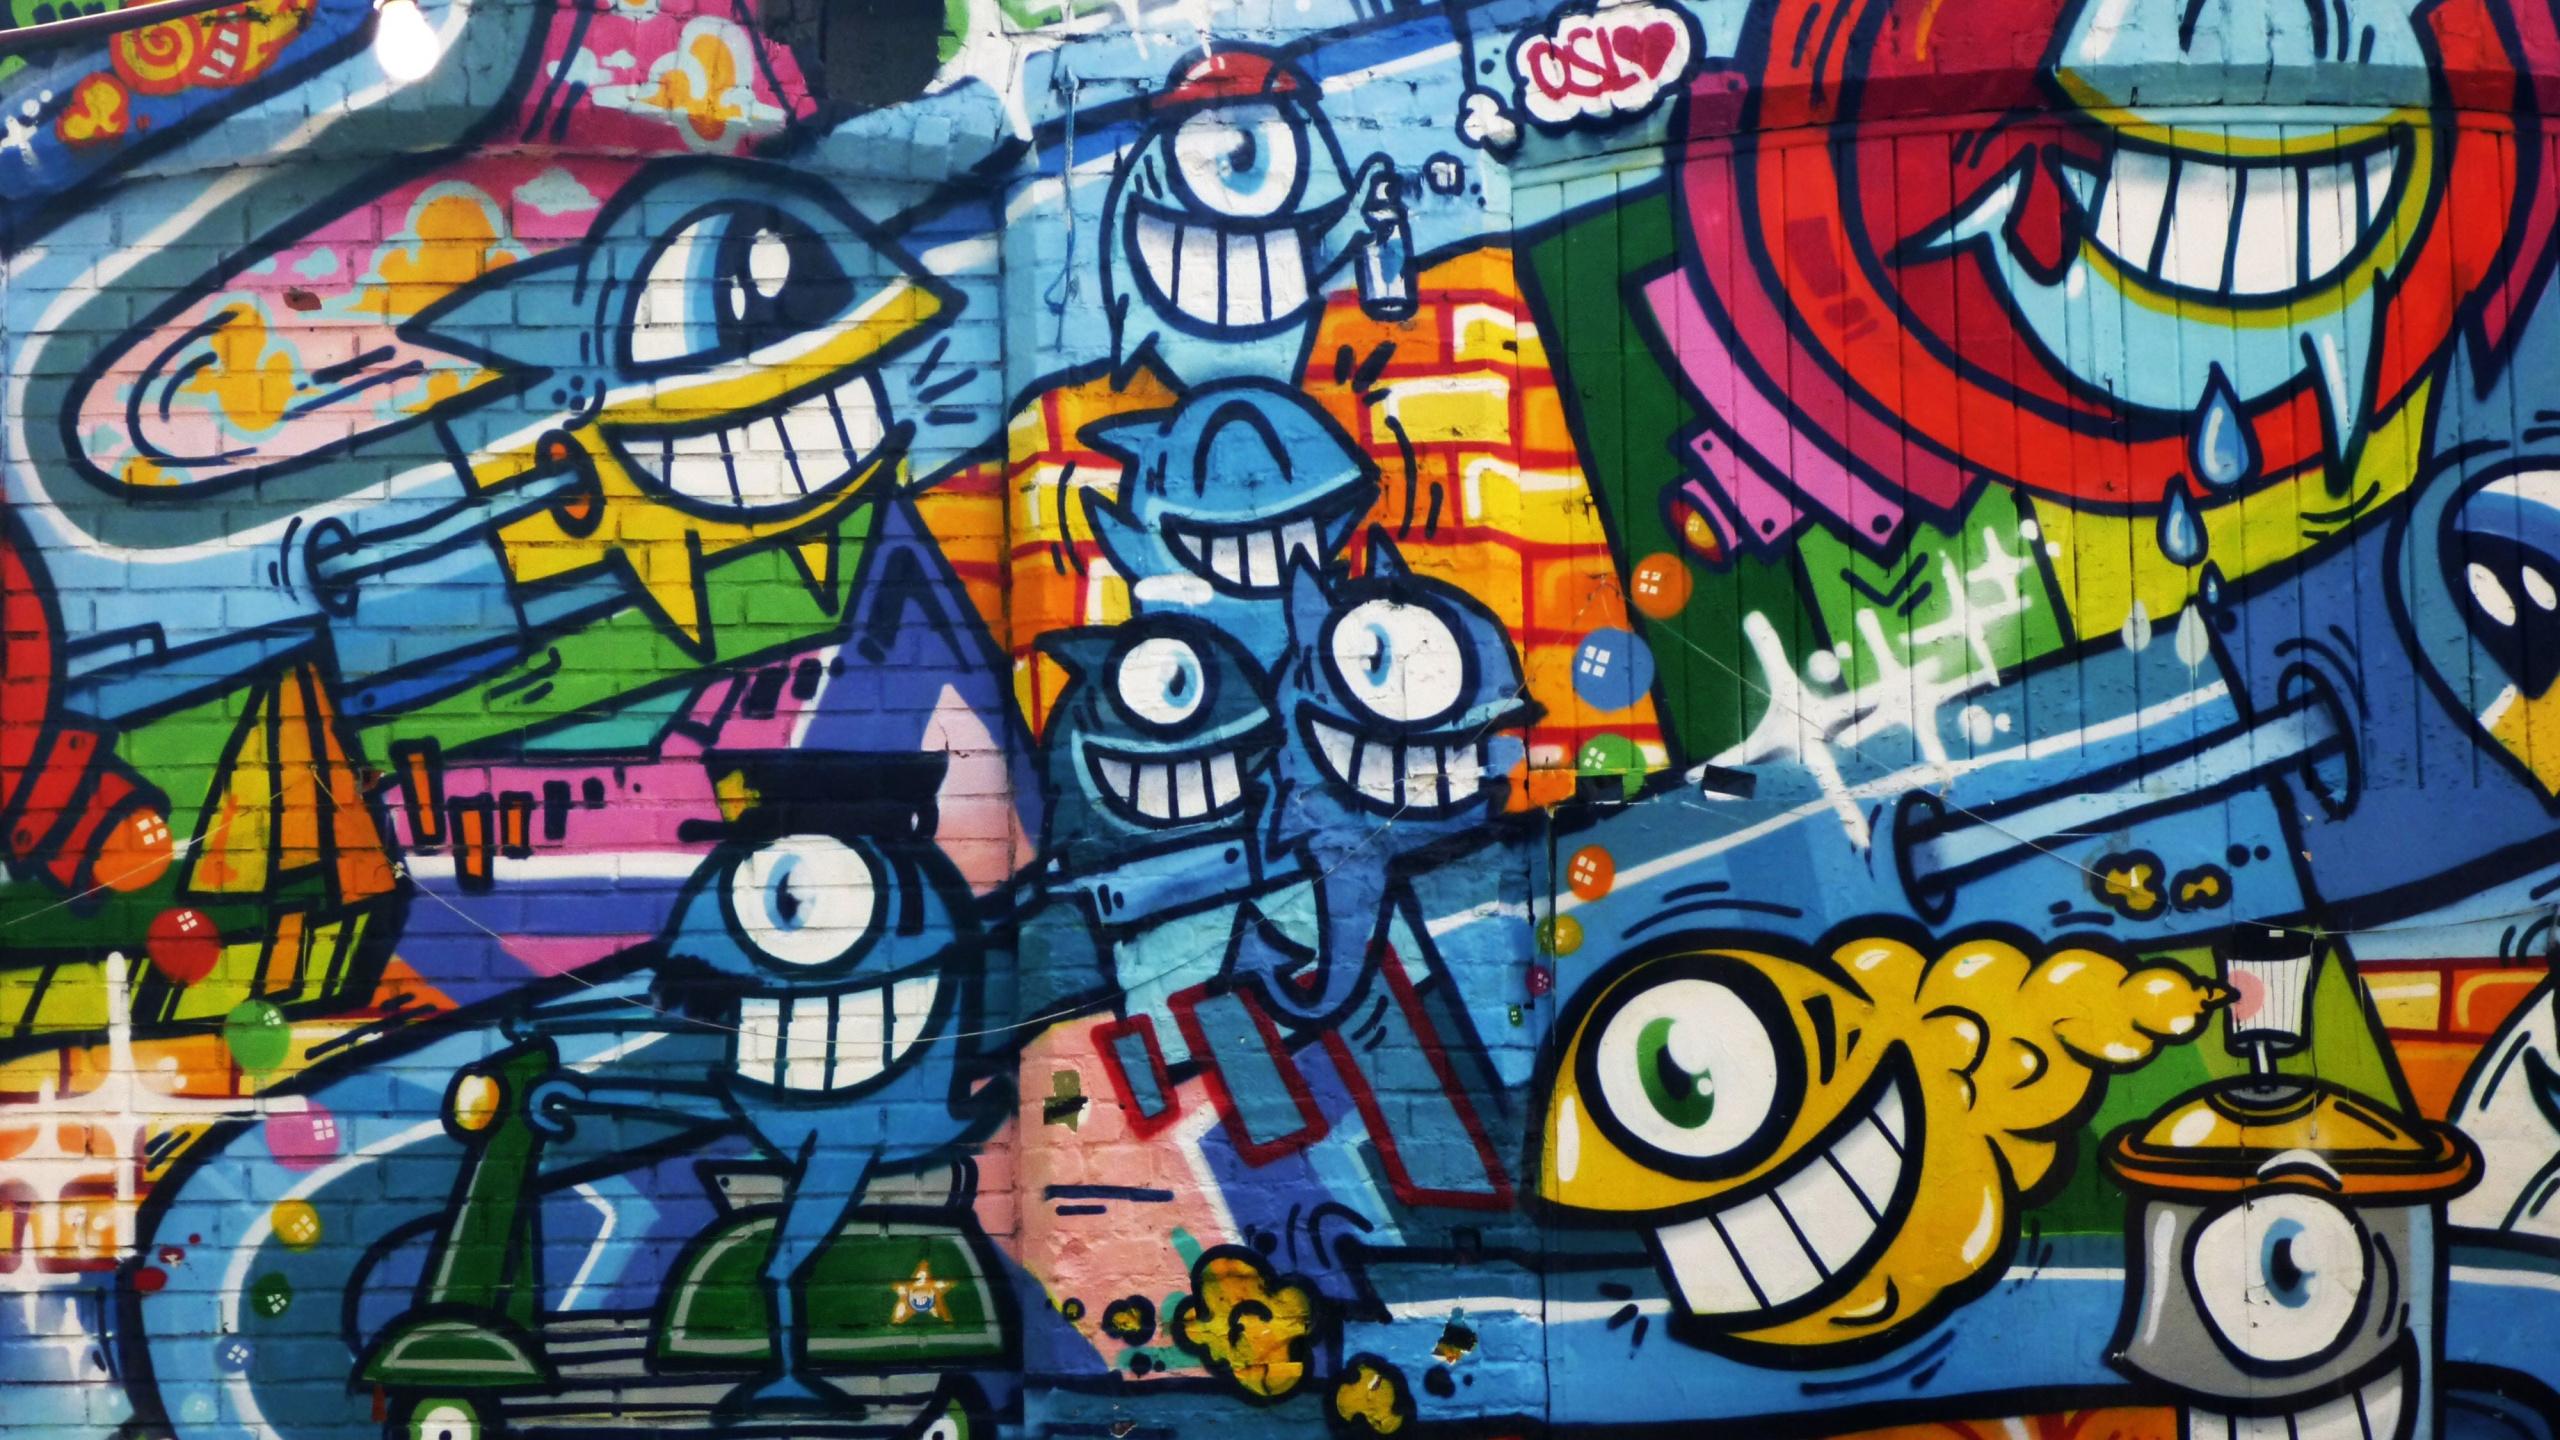 street art graffiti hd wallpaper 67593